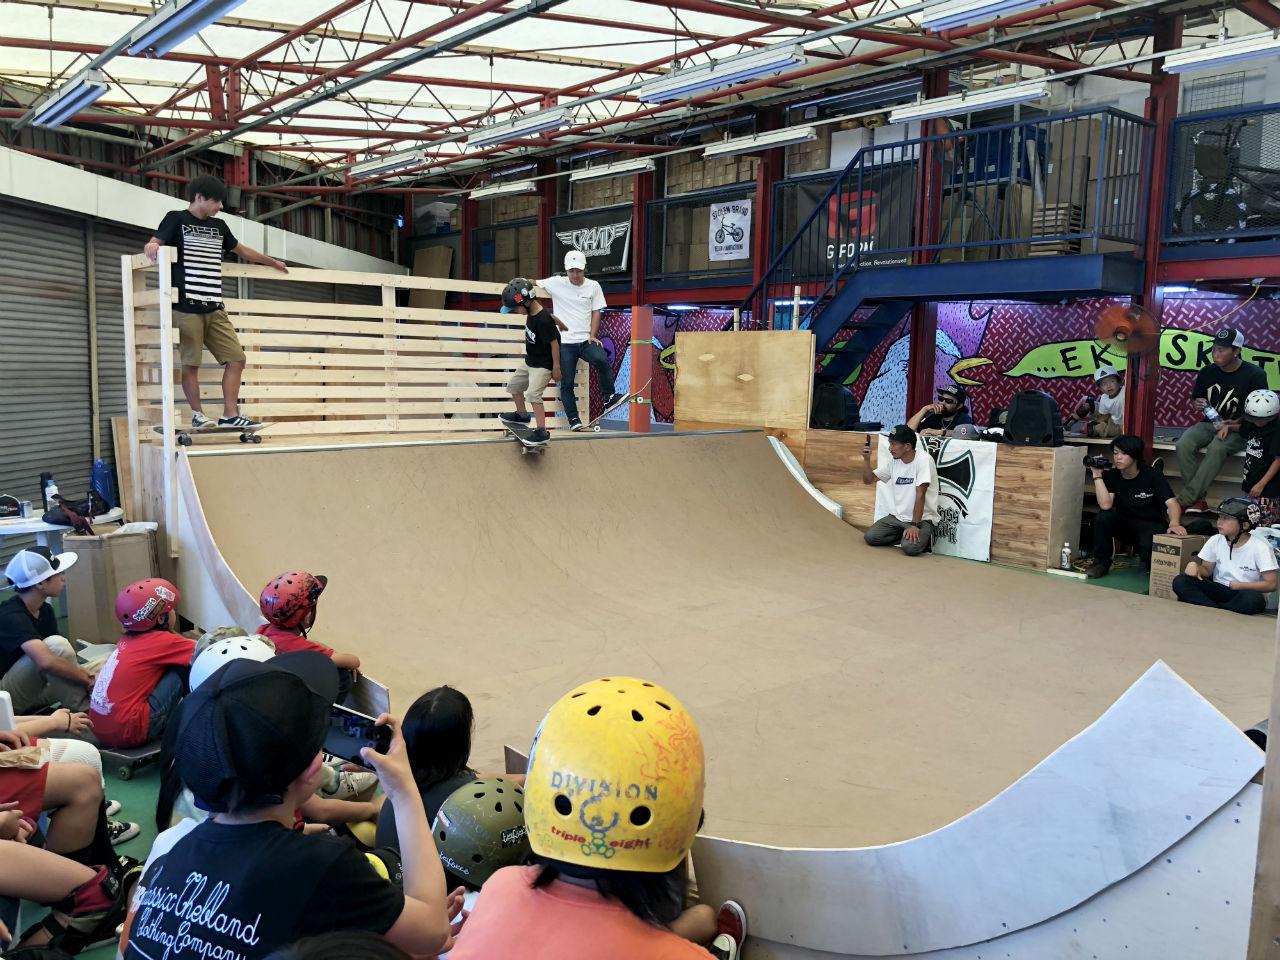 大阪の屋内型スケートパーク EKLスケートボードパーク!